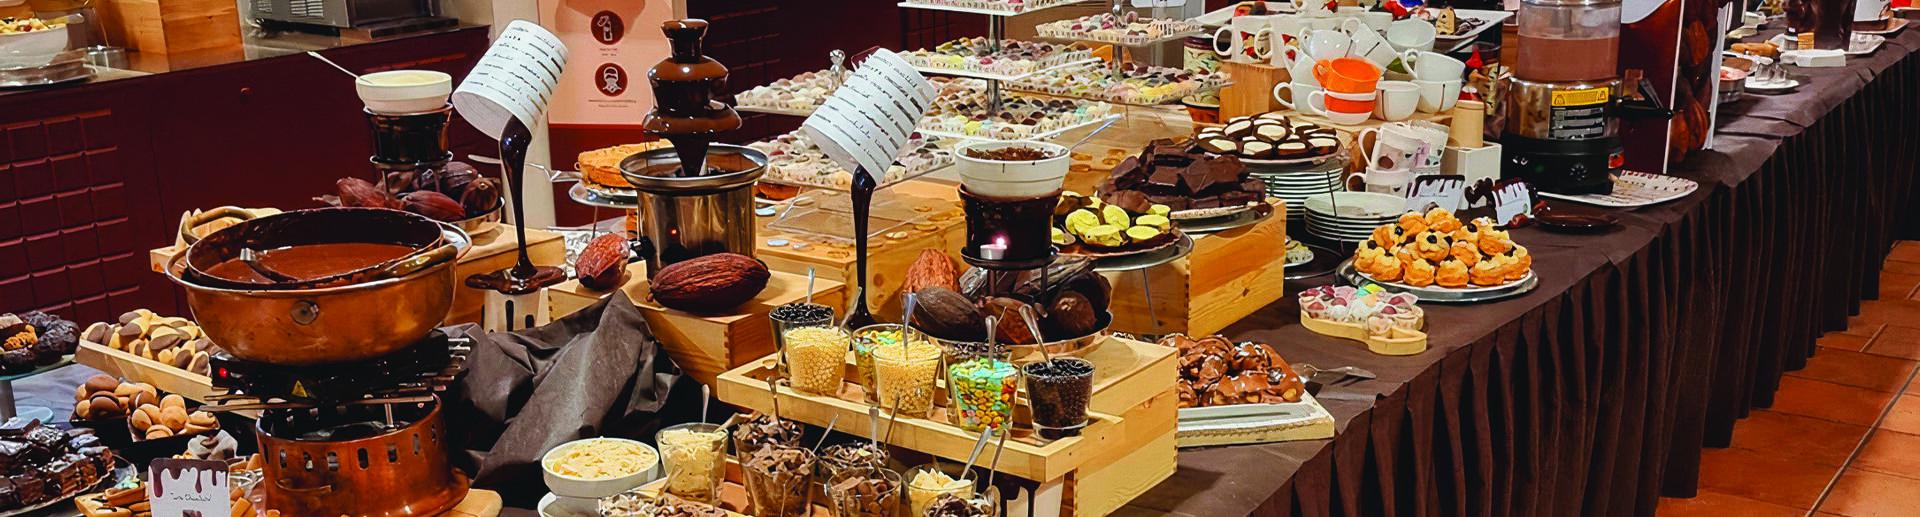 chocohotel it convenzione-frecciarossa-milano-perugia 012